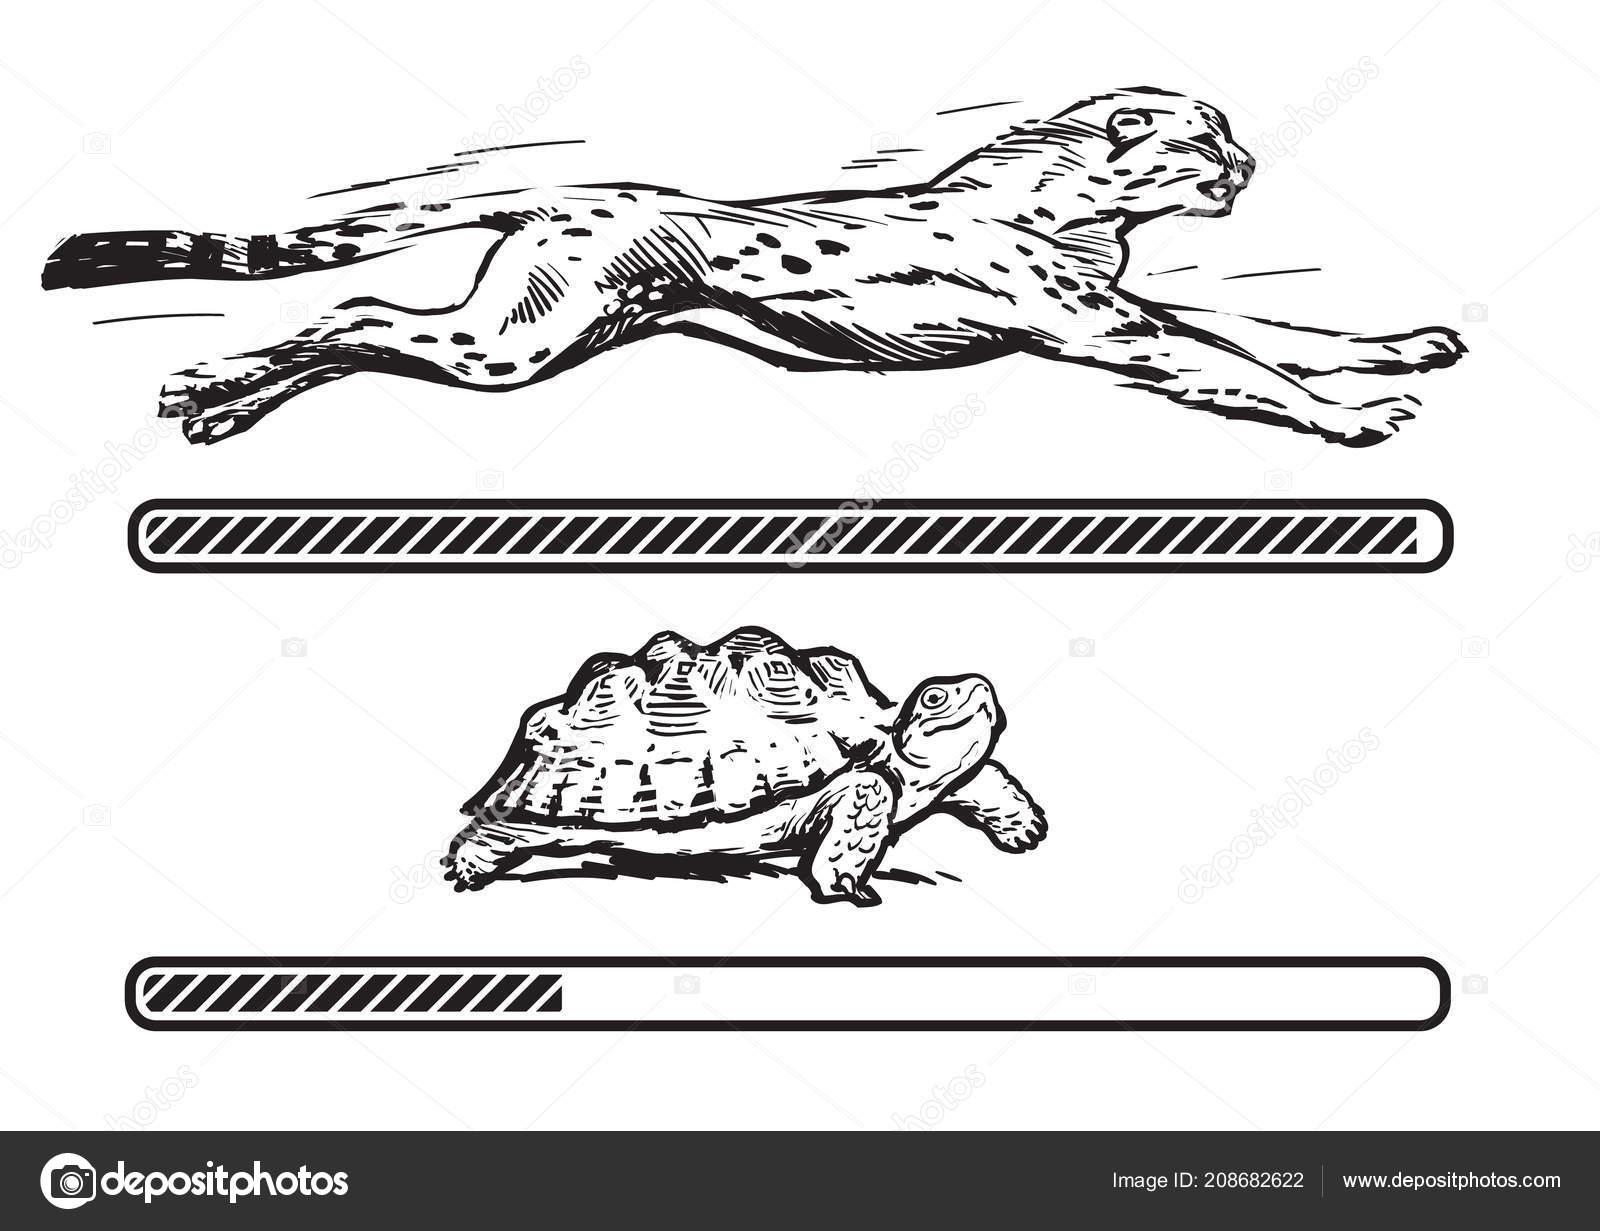 Gecko - ghid de ingrijire (I)